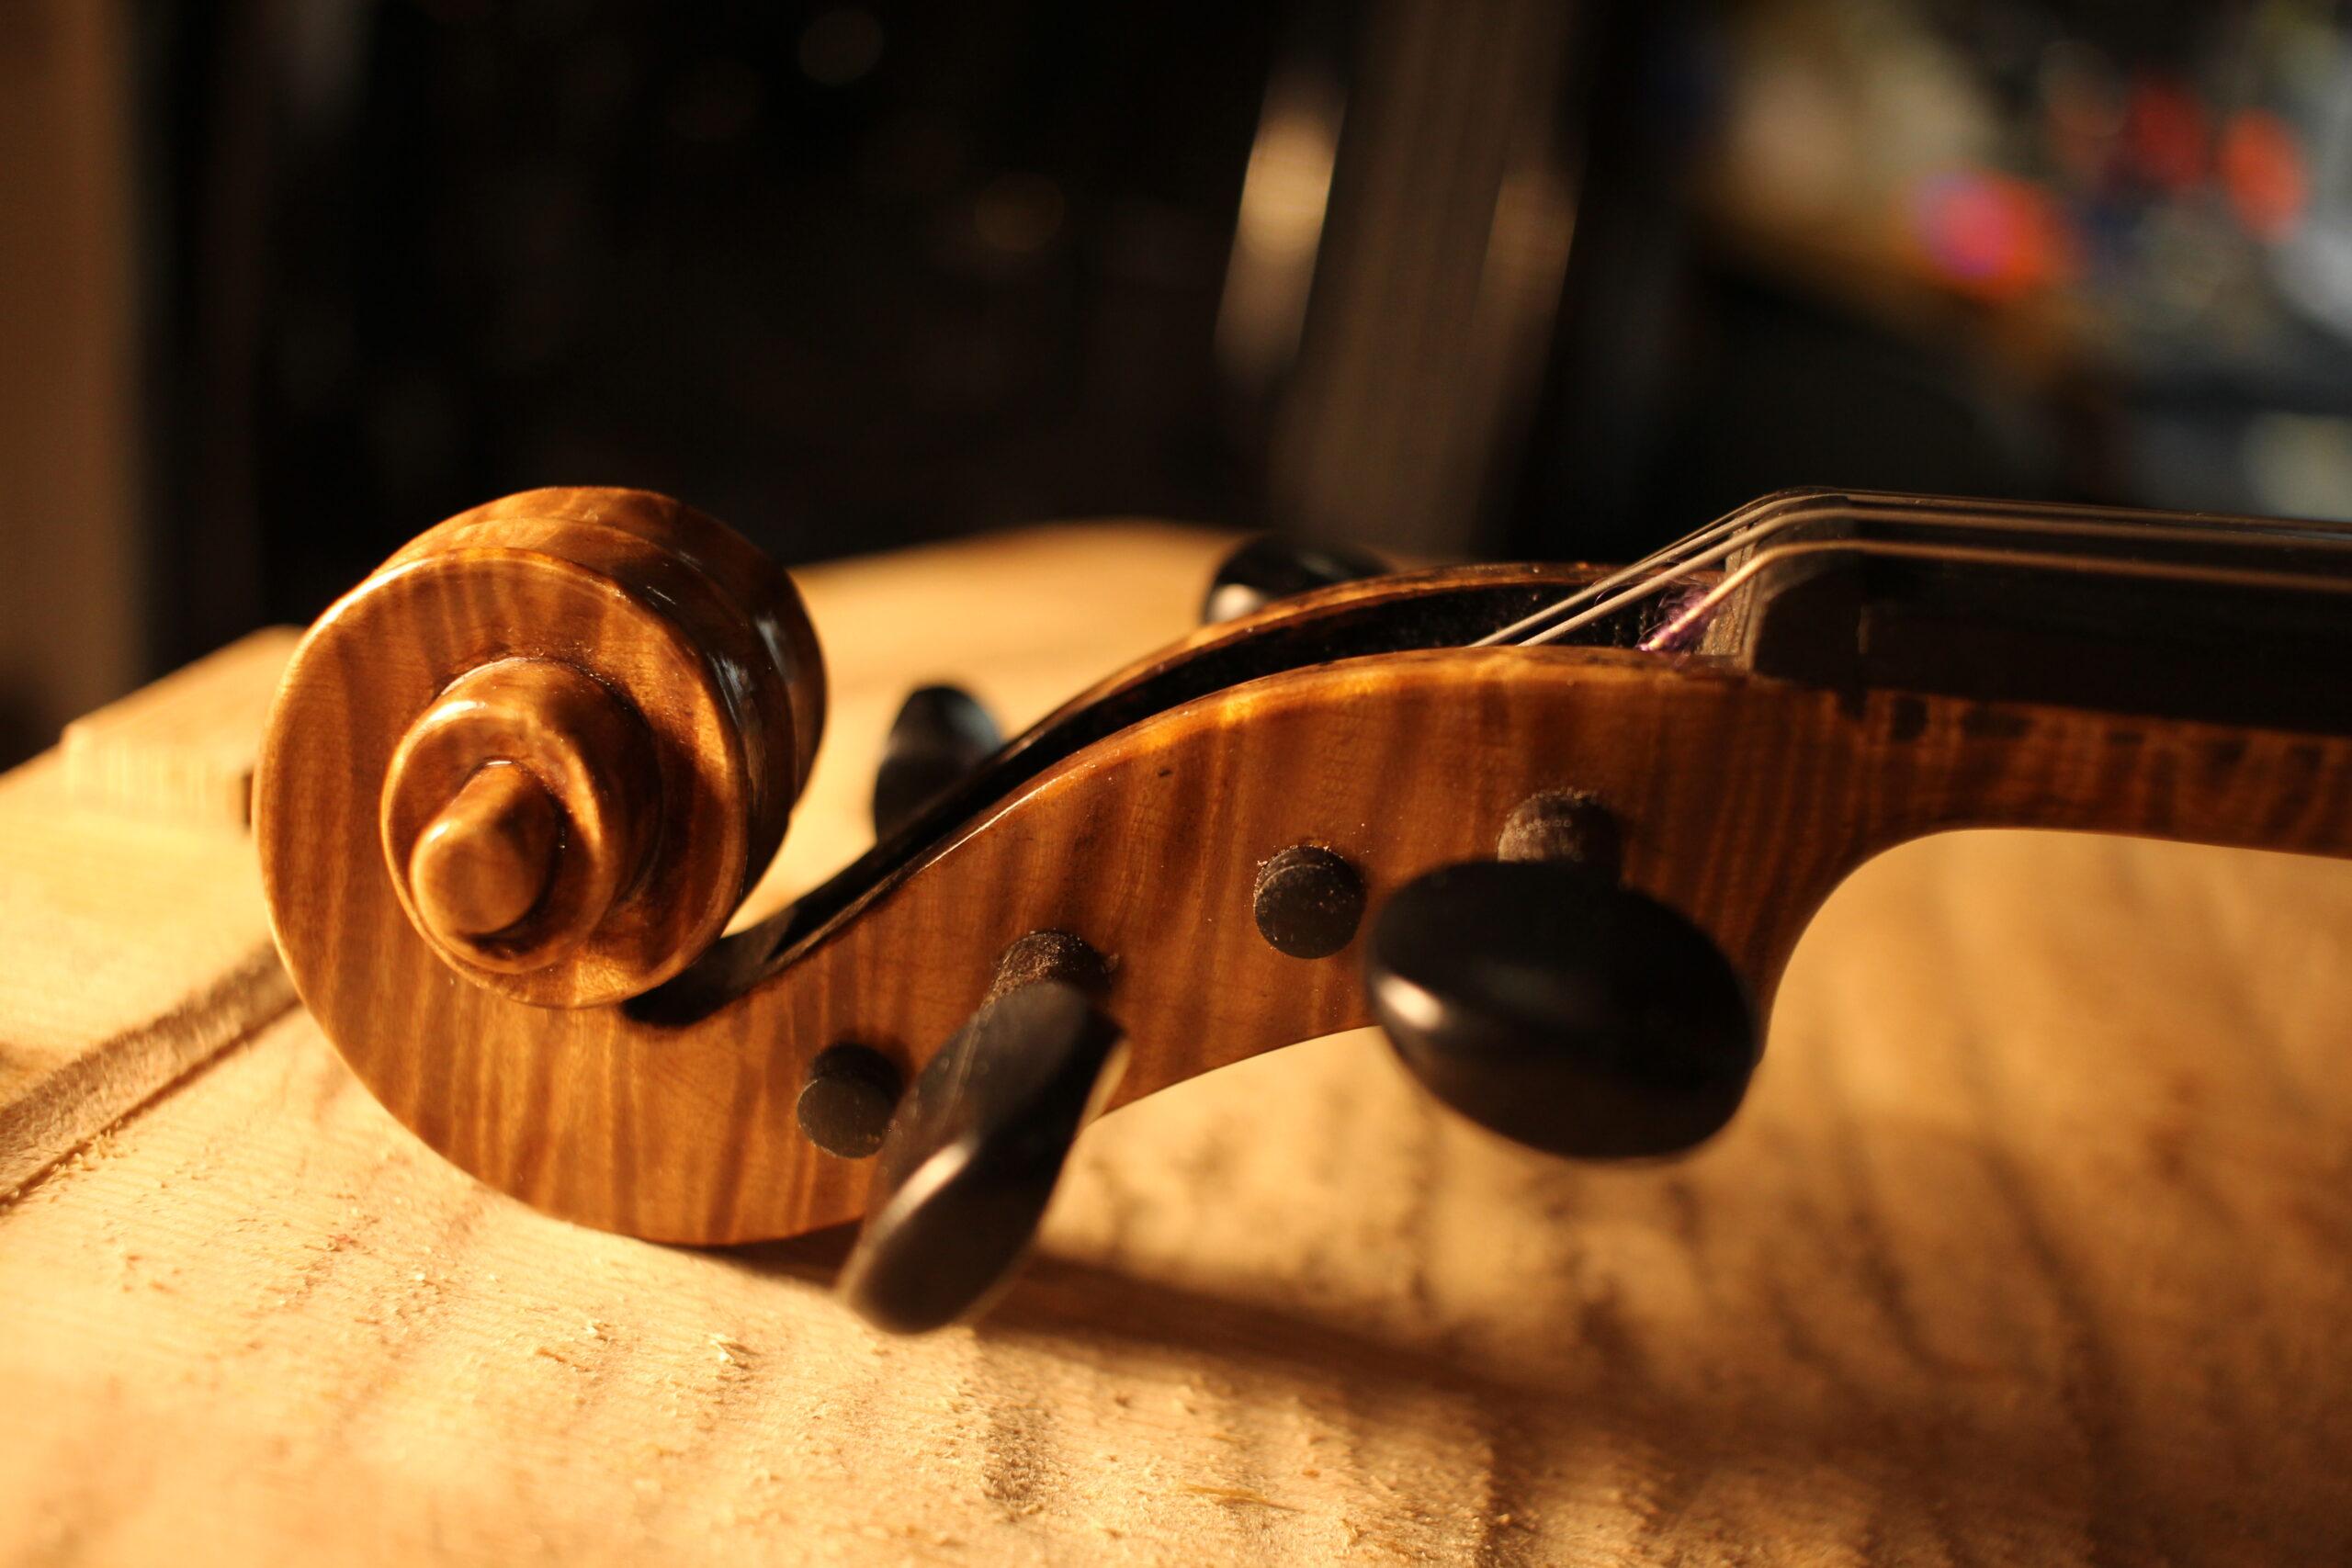 Strings mounting violin